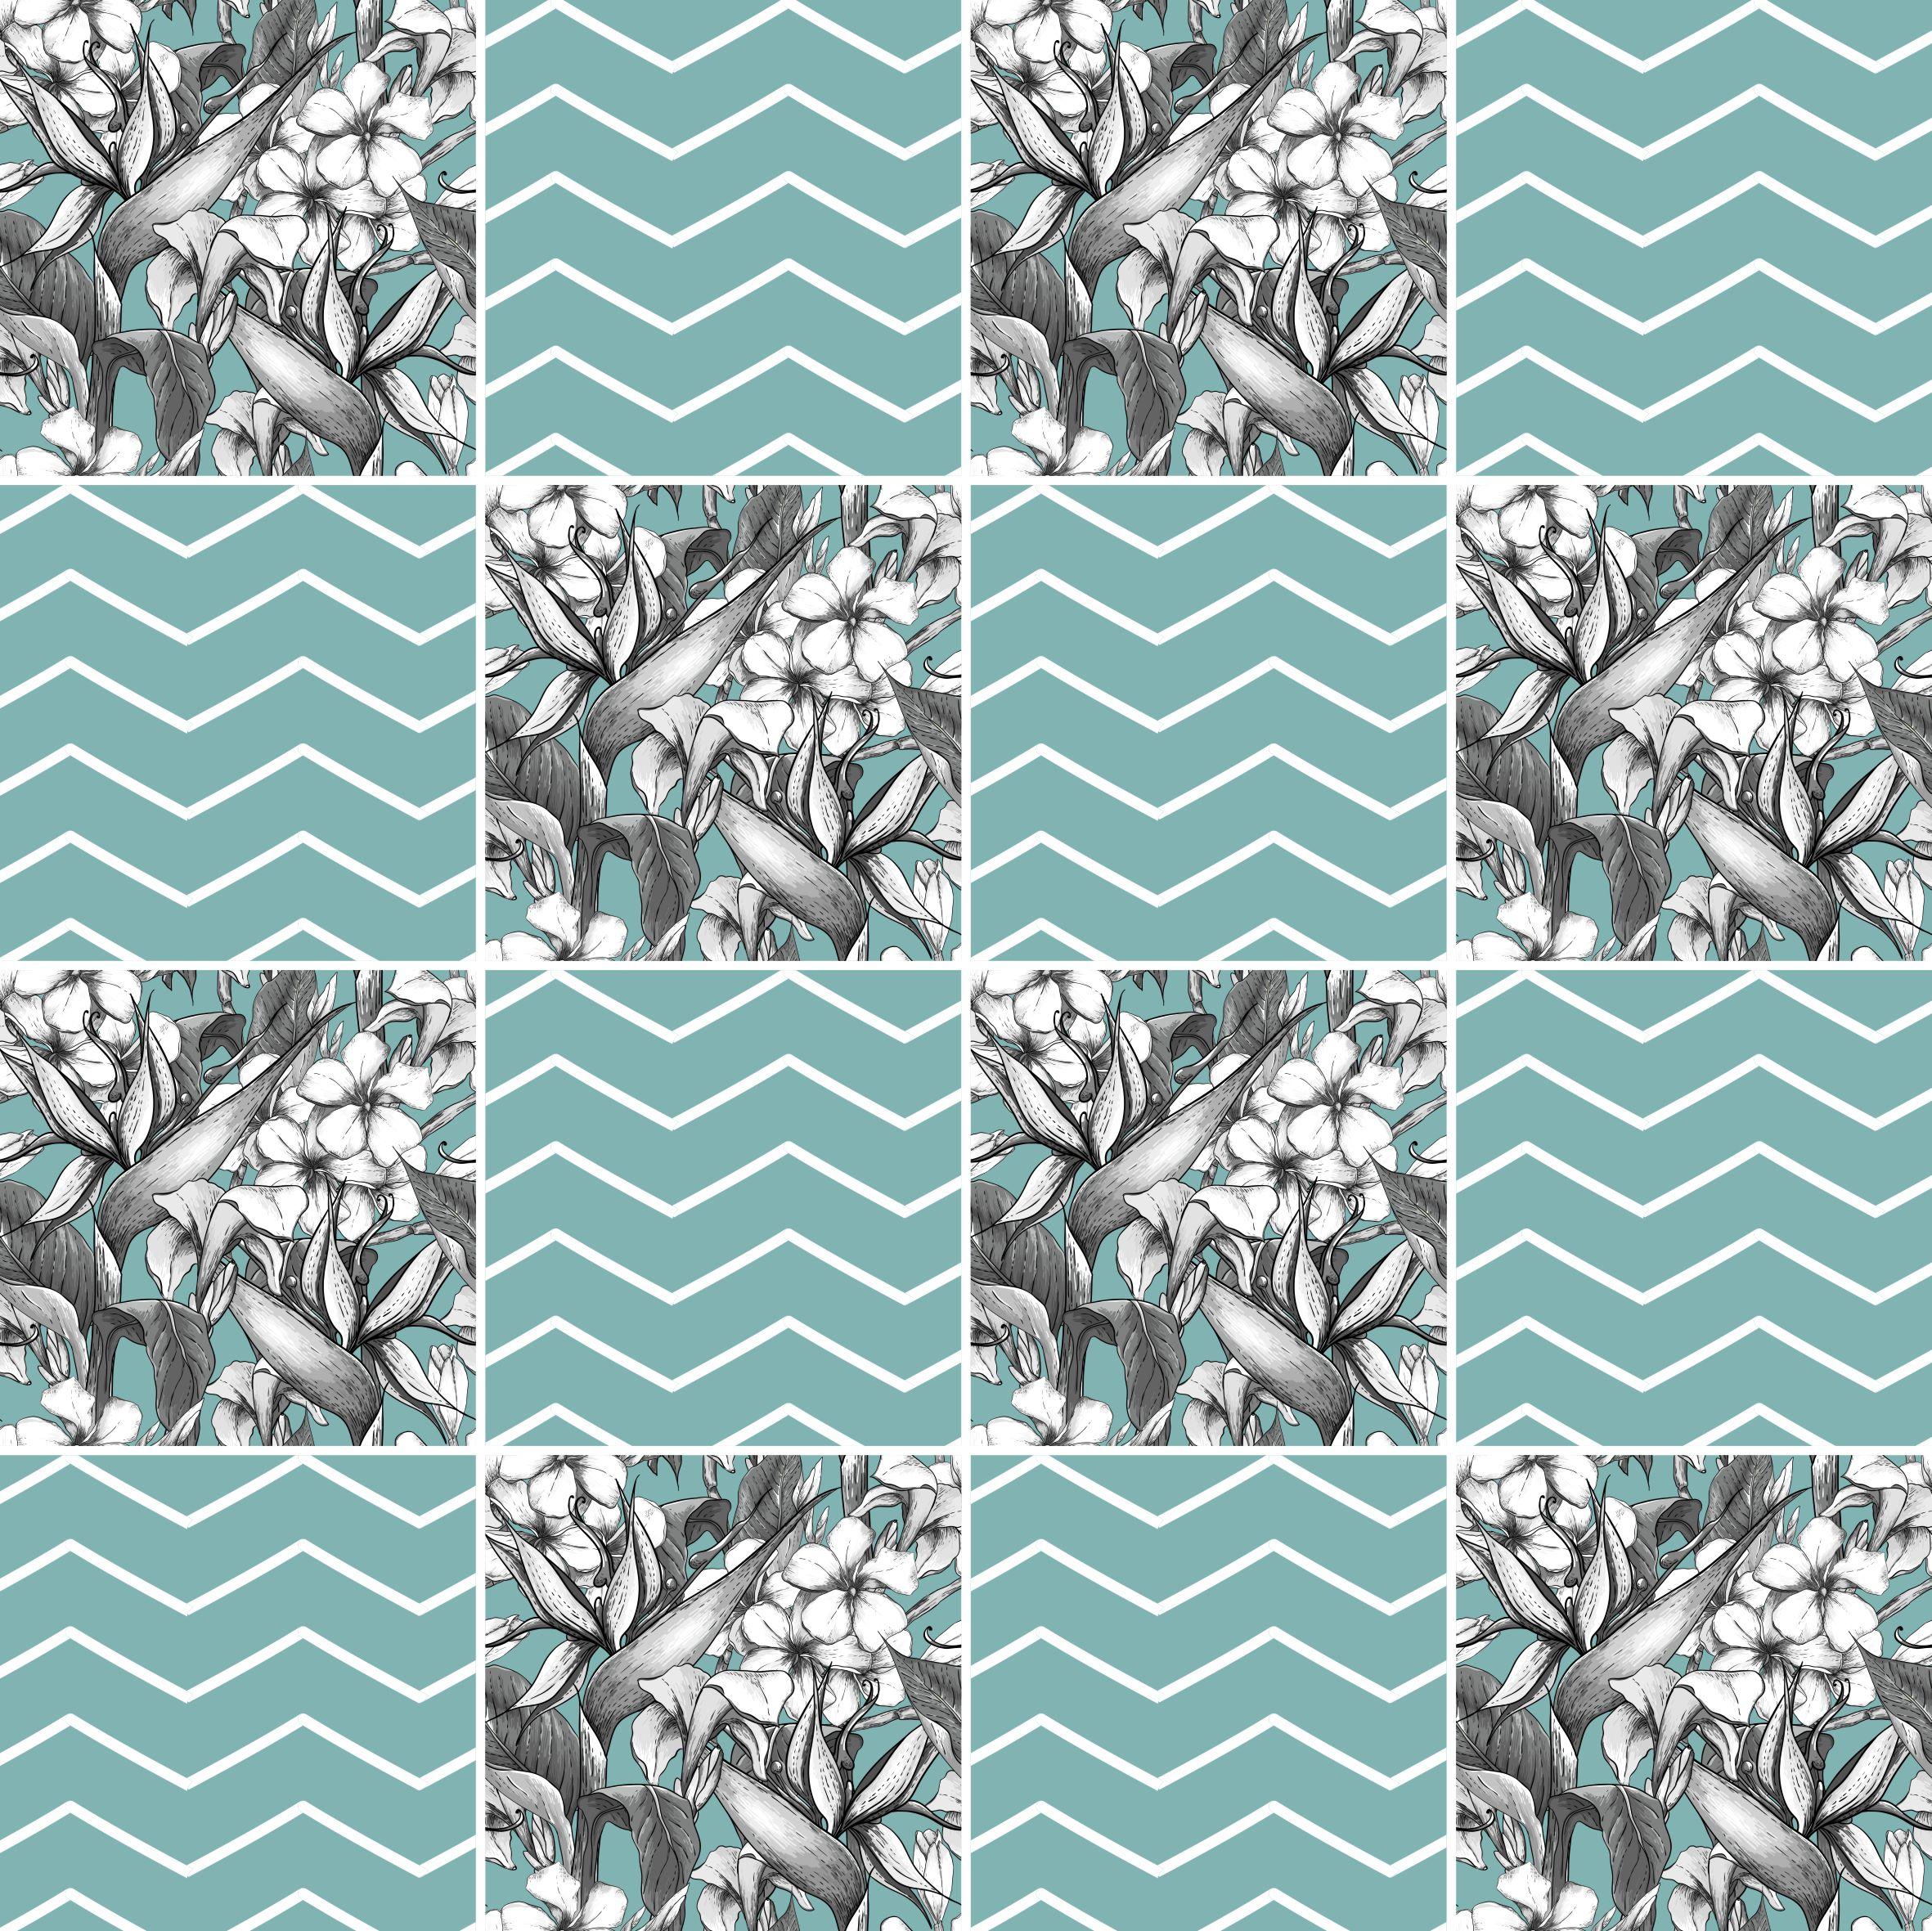 Aparador Adega Bar ~ Papel de Parede Adesivo Azulejo Zig Zag Floral StickDecor